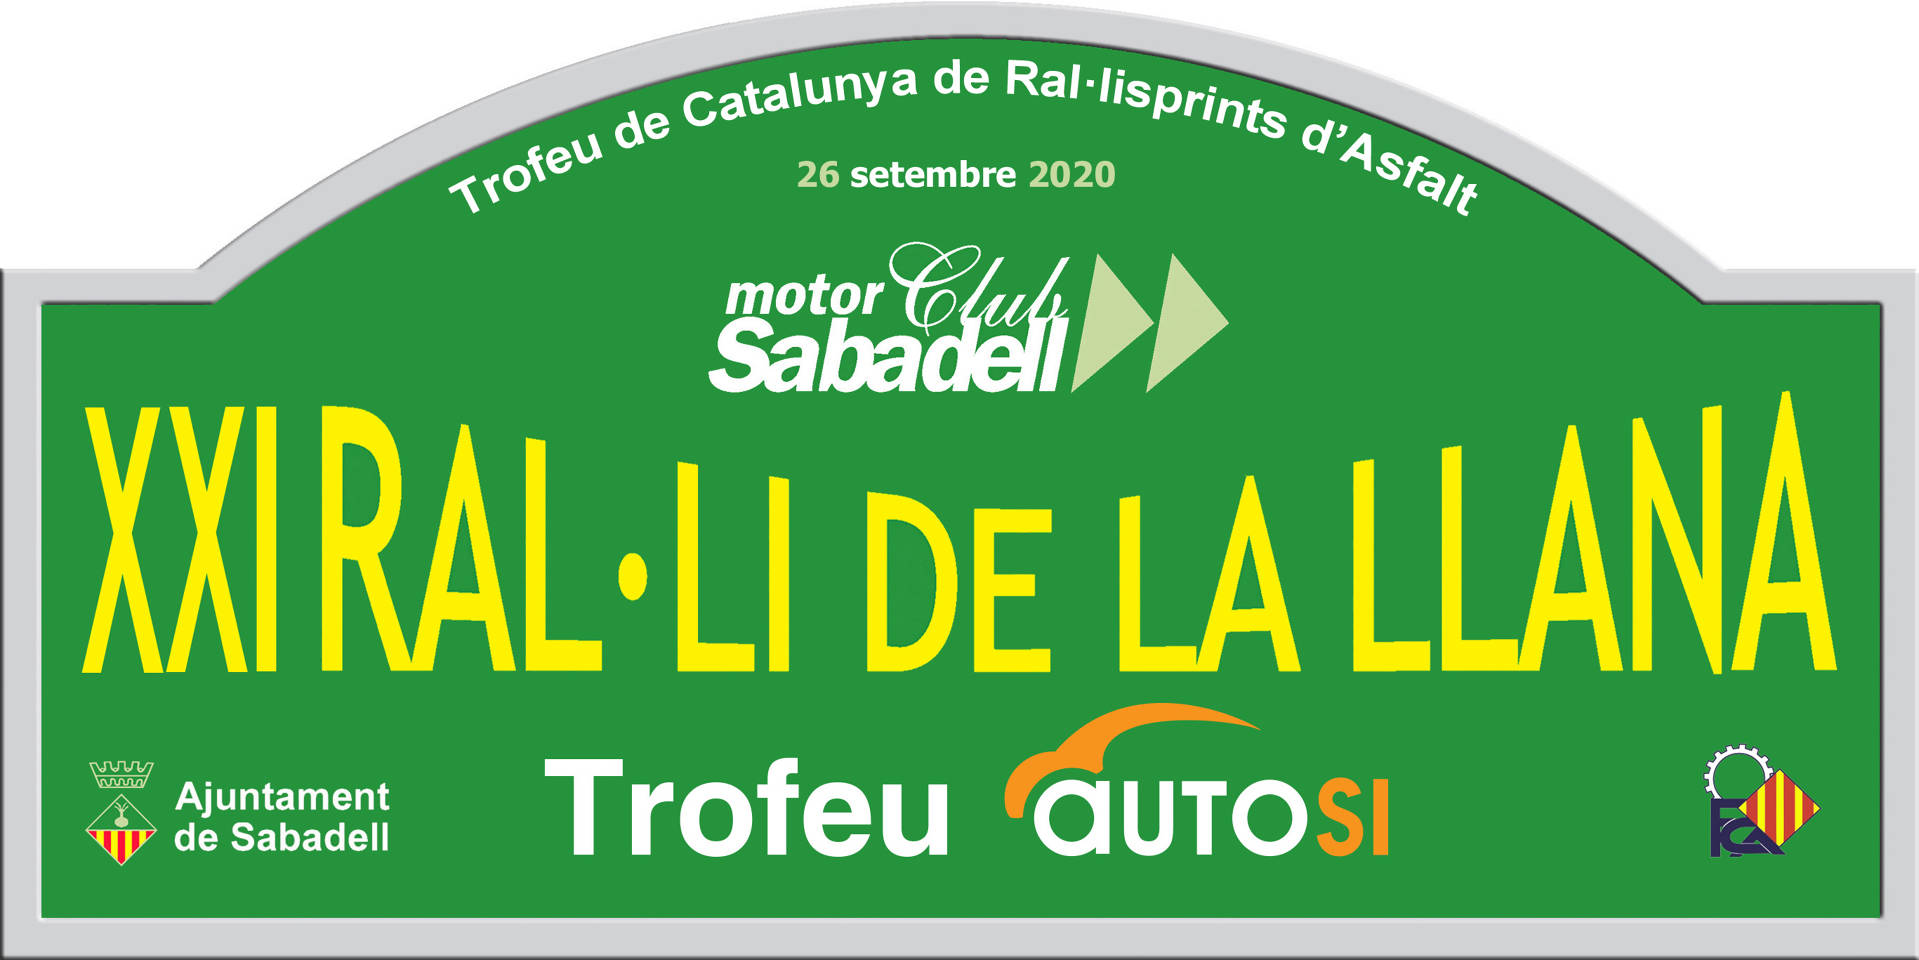 Ajornat el XXI Ral·li de La Llana